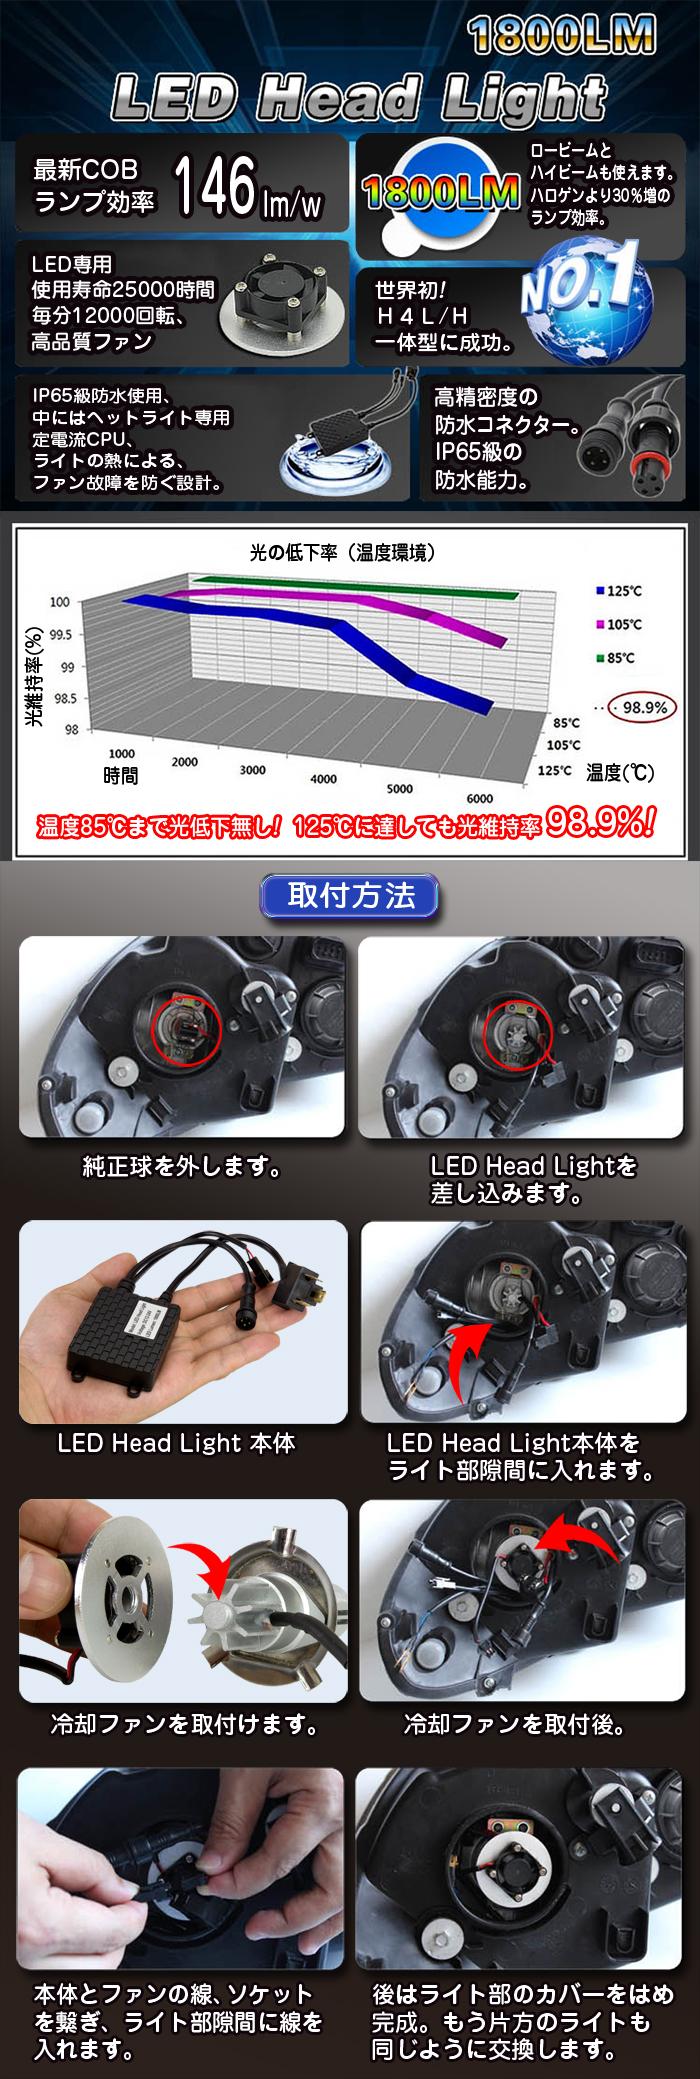 LEDヘッドライト用バルブ H11 取りつけ方法